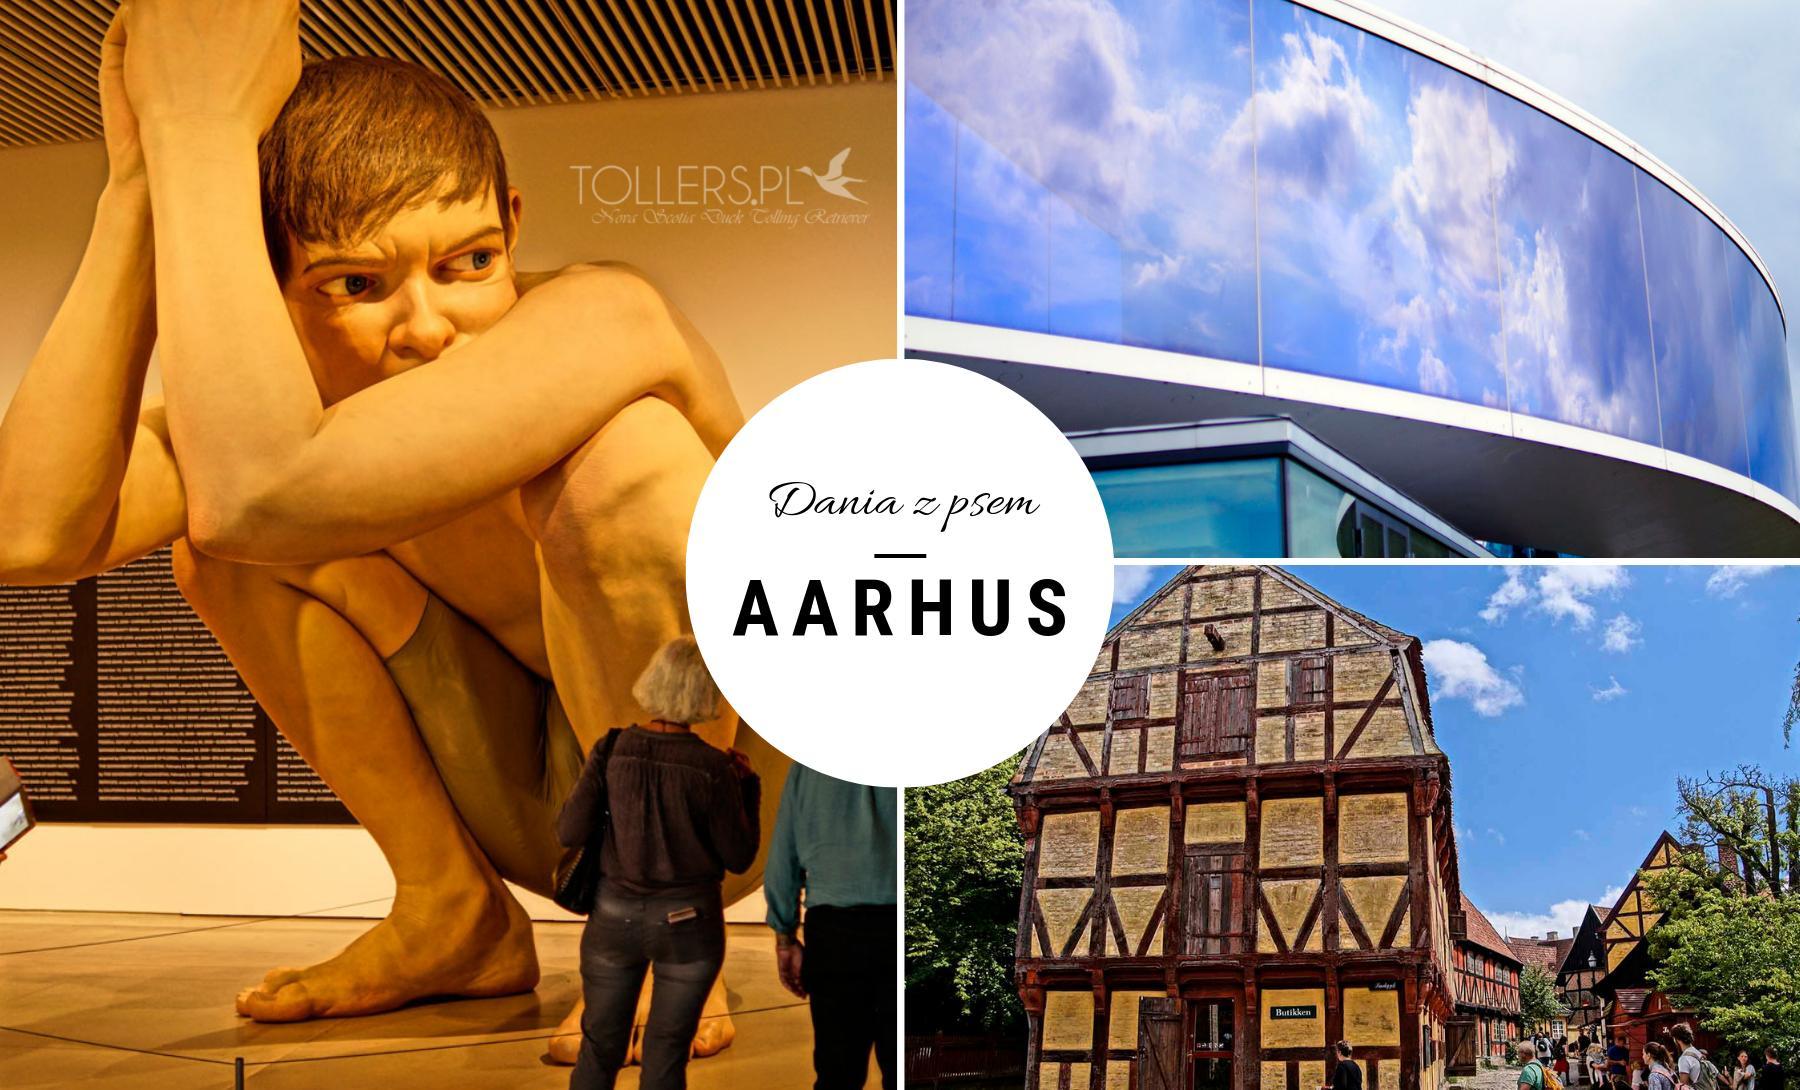 Zwiedzania Aarhus - Dania z psem